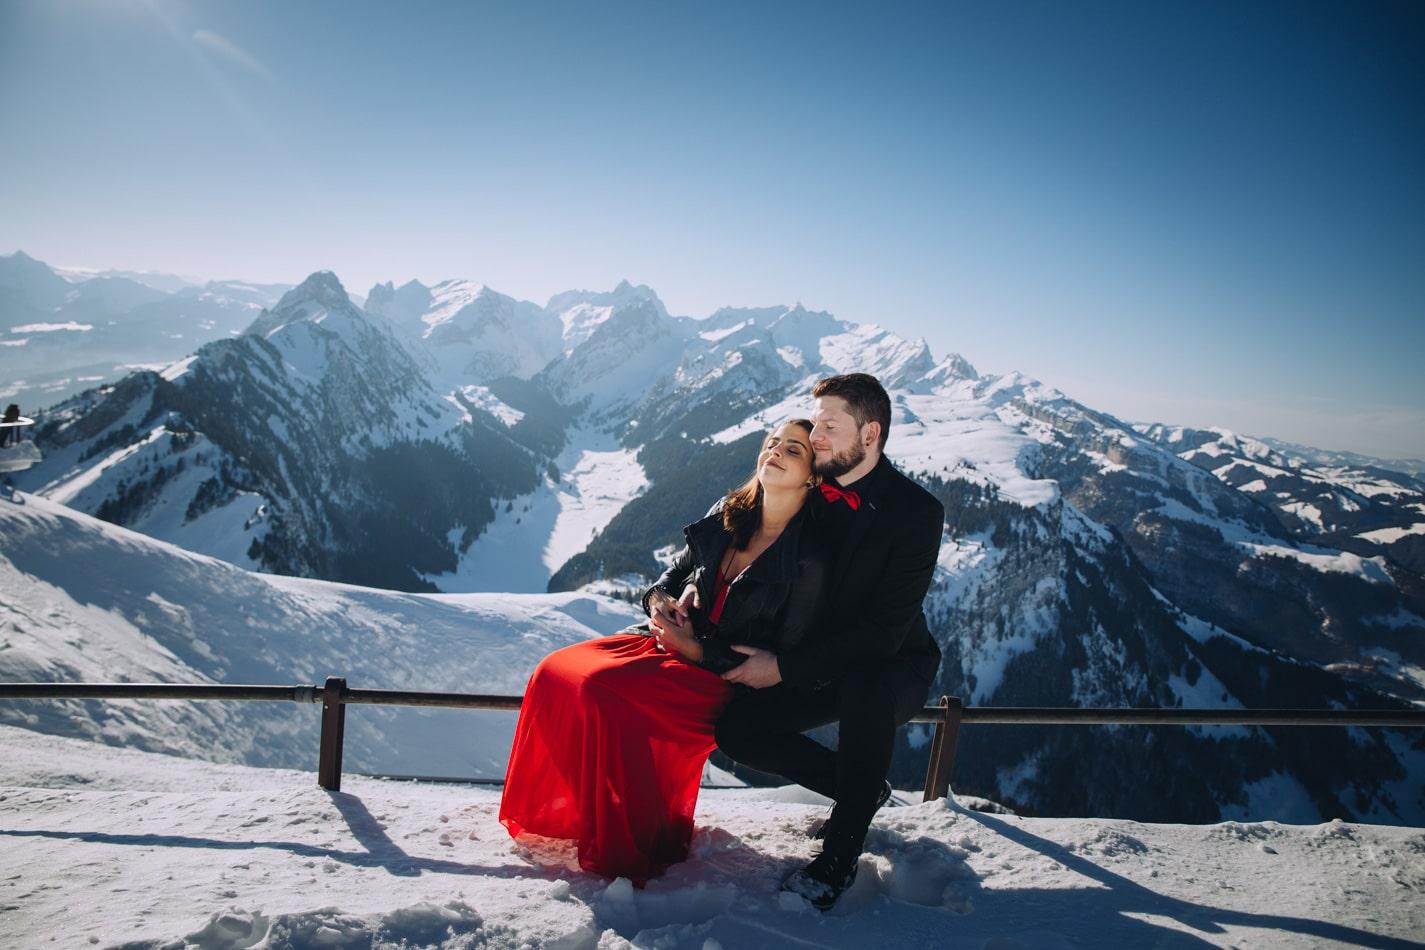 Tolles Paar-Fotoshooting in 2 km Höhe in den Schweizer Bergen